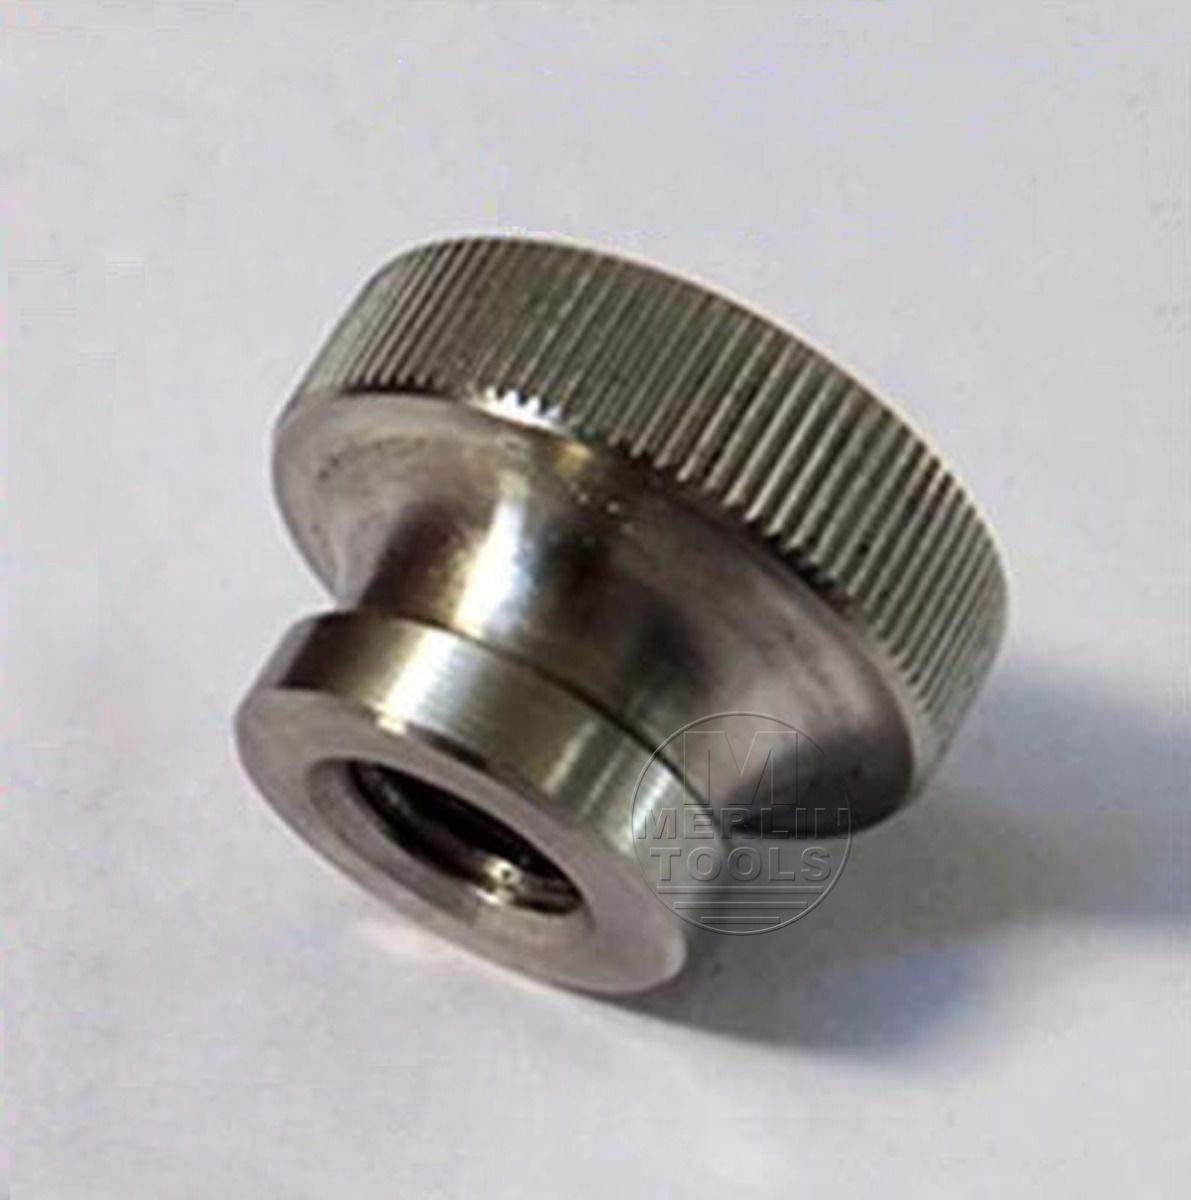 FidgetFidget Stainless Steel Thumb Nut Right Hand Thread Select M3 M4 M5 M6 M8 M10 13 M3 x 0.5mm(Pitch) by FidgetFidget (Image #1)